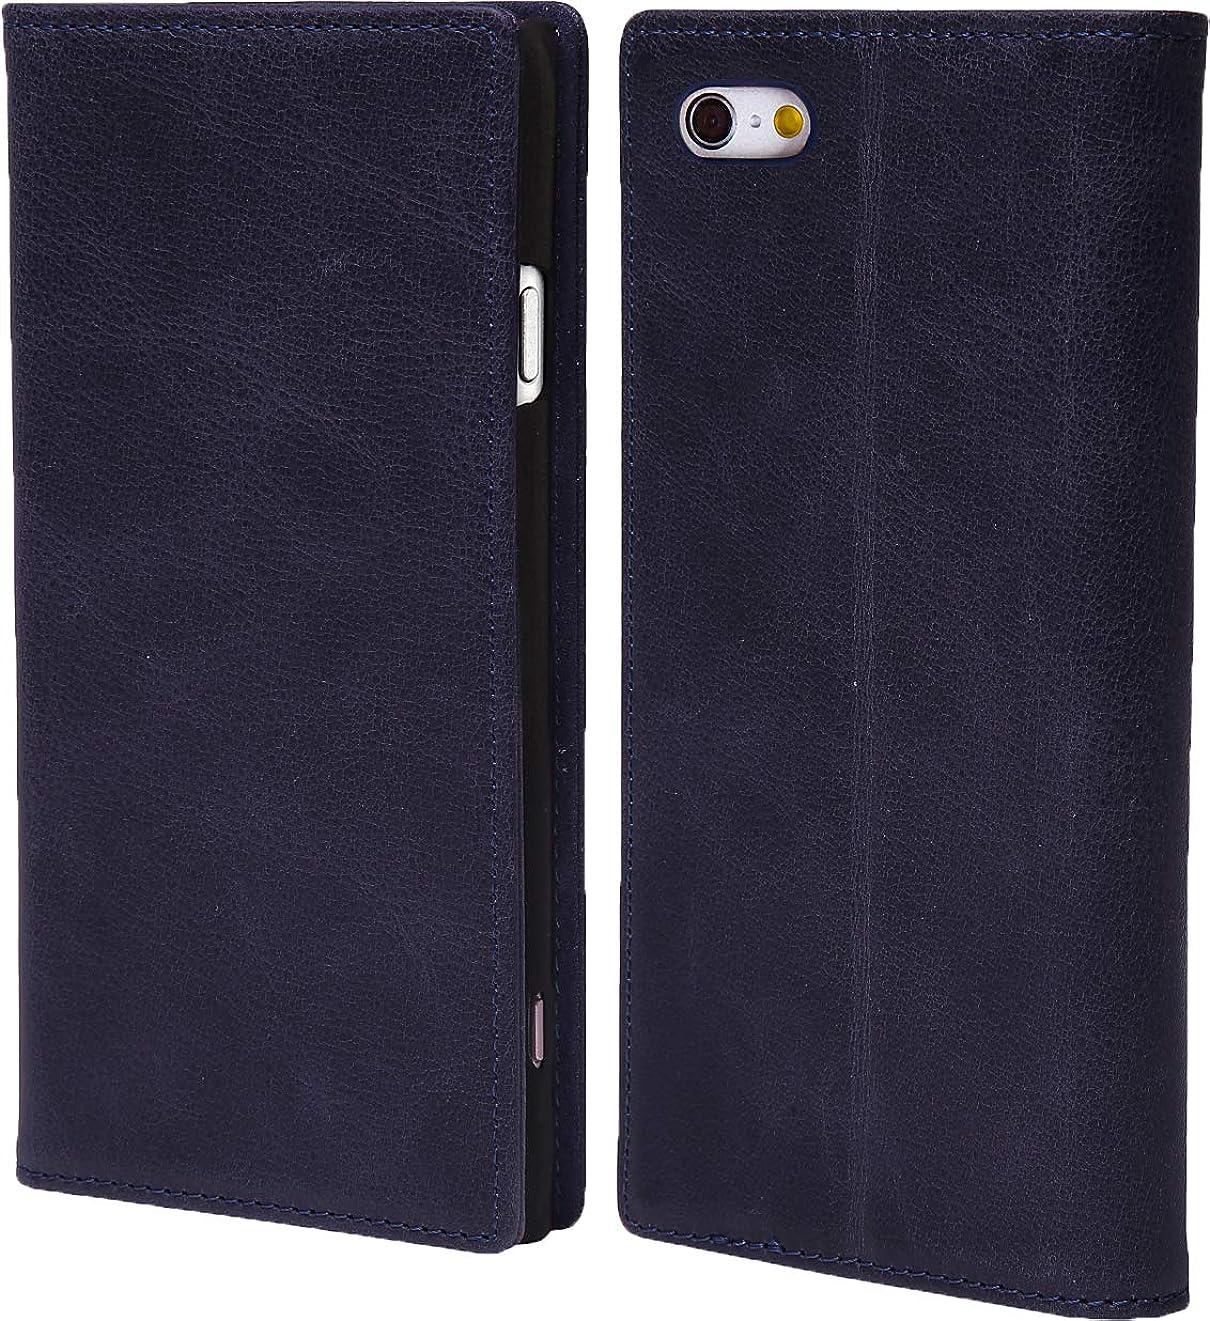 休憩また明日ね出発steady advance 最高級 本革 (牛革) iPhone5 iPhone SE アイフォン 用 スマホ ケース 手帳型 < 硬度 9H 強化 ガラスフィルム > セット マグネット式 (iPhone 5 SE, スマルトブルー)